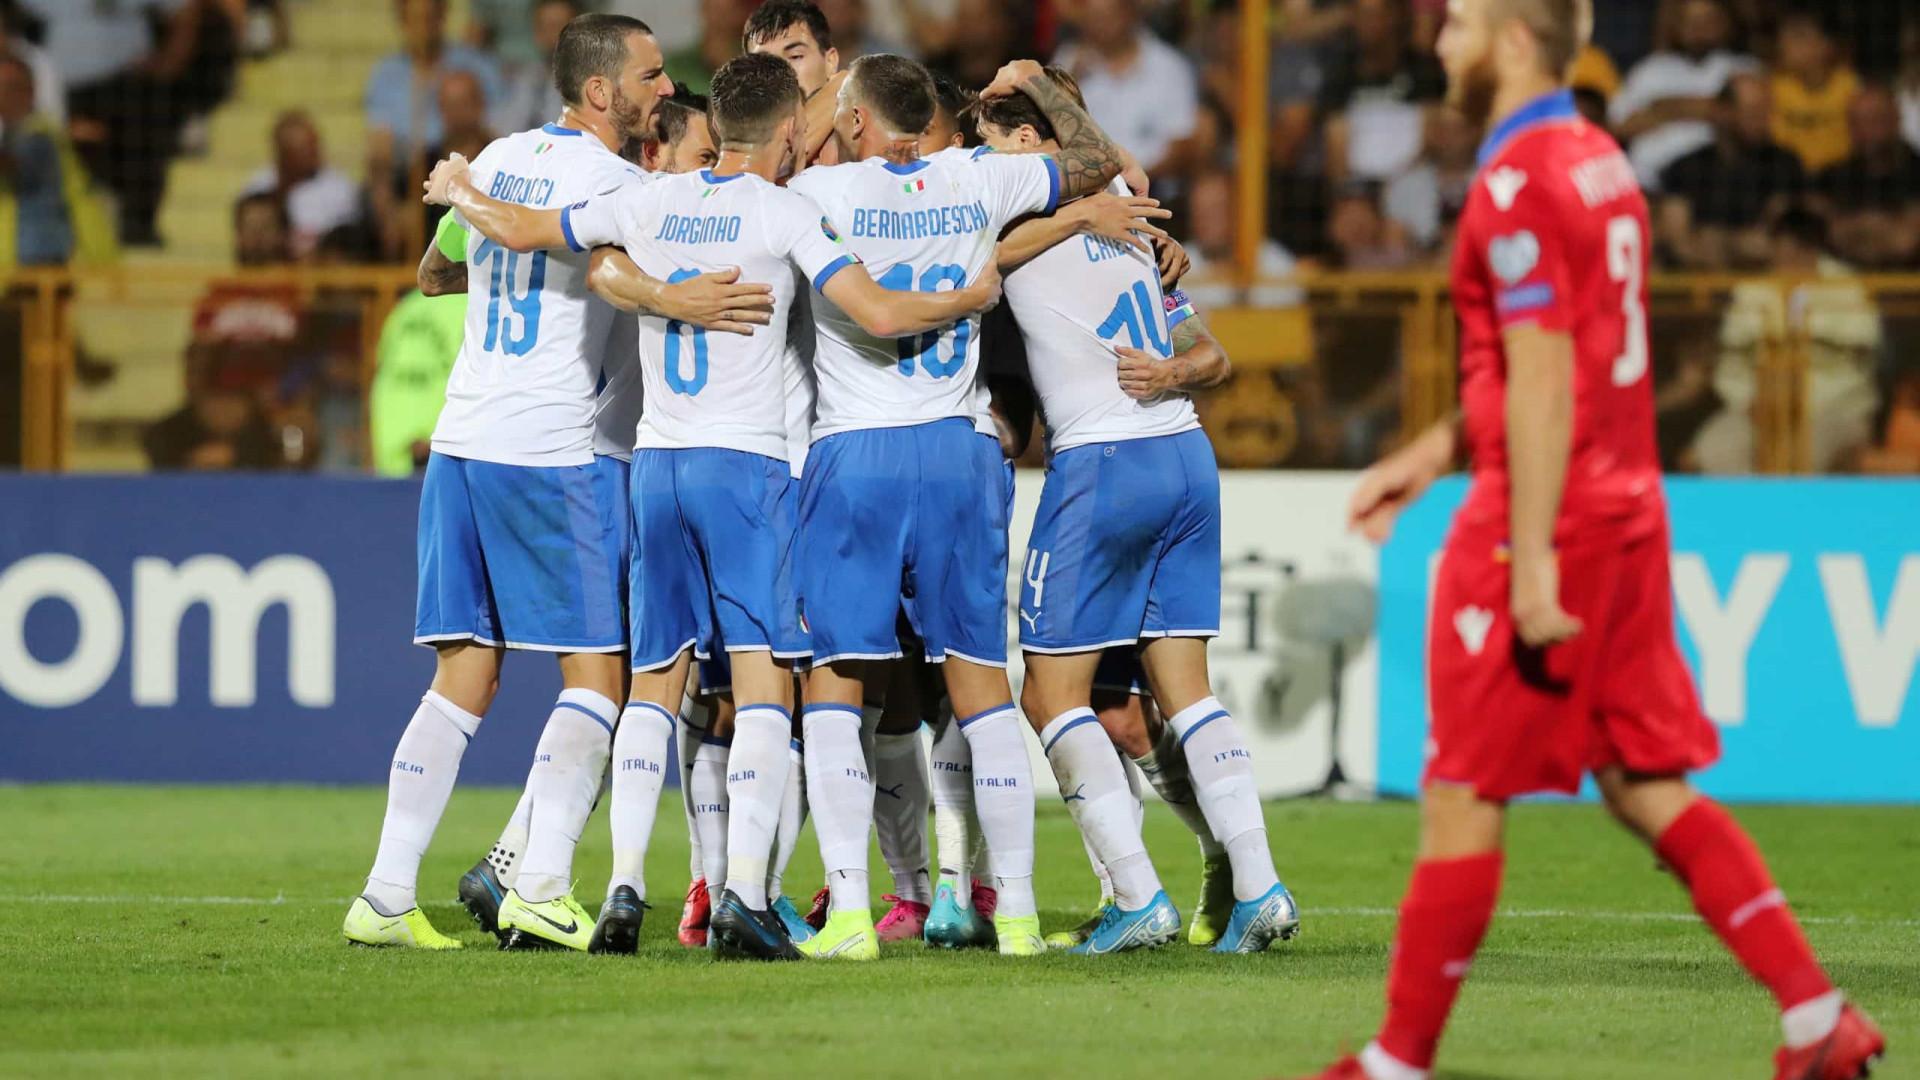 Itália bate Armênia de virada e segue nas Eliminatórias da Eurocopa